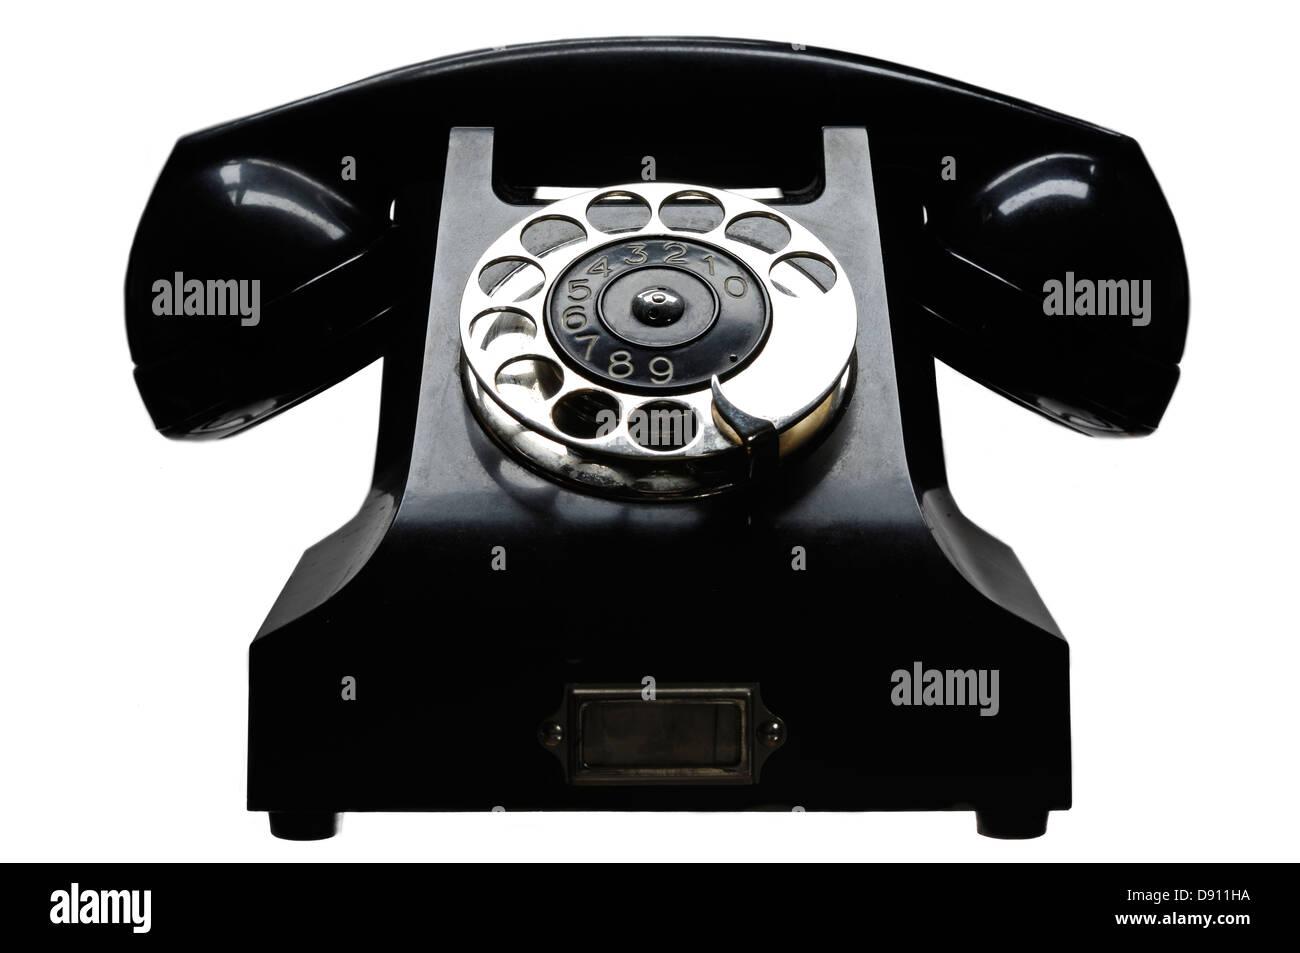 Old Telephone Shape Stock Photos & Old Telephone Shape Stock